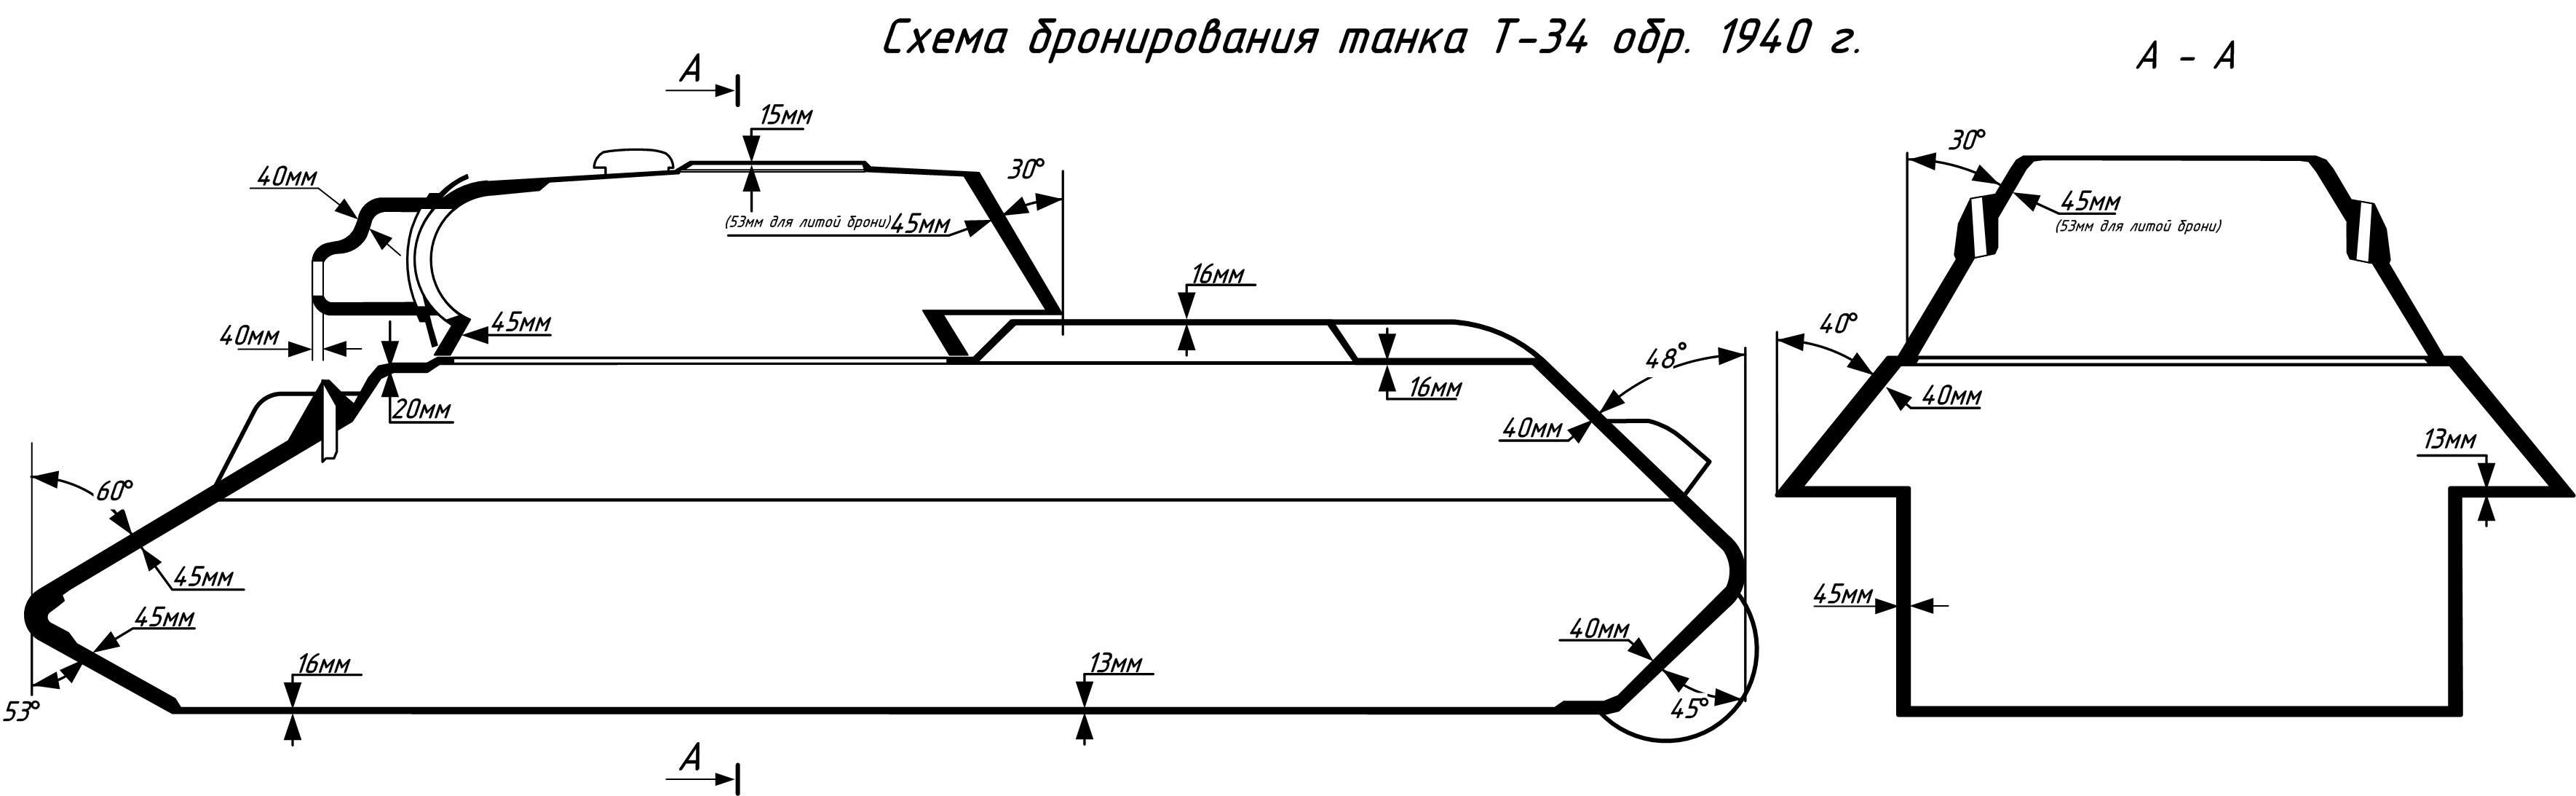 мм, после сборки подвергавшихся поверхностной закалке.  Броневая защита танка противоснарядная, равнопрочная...